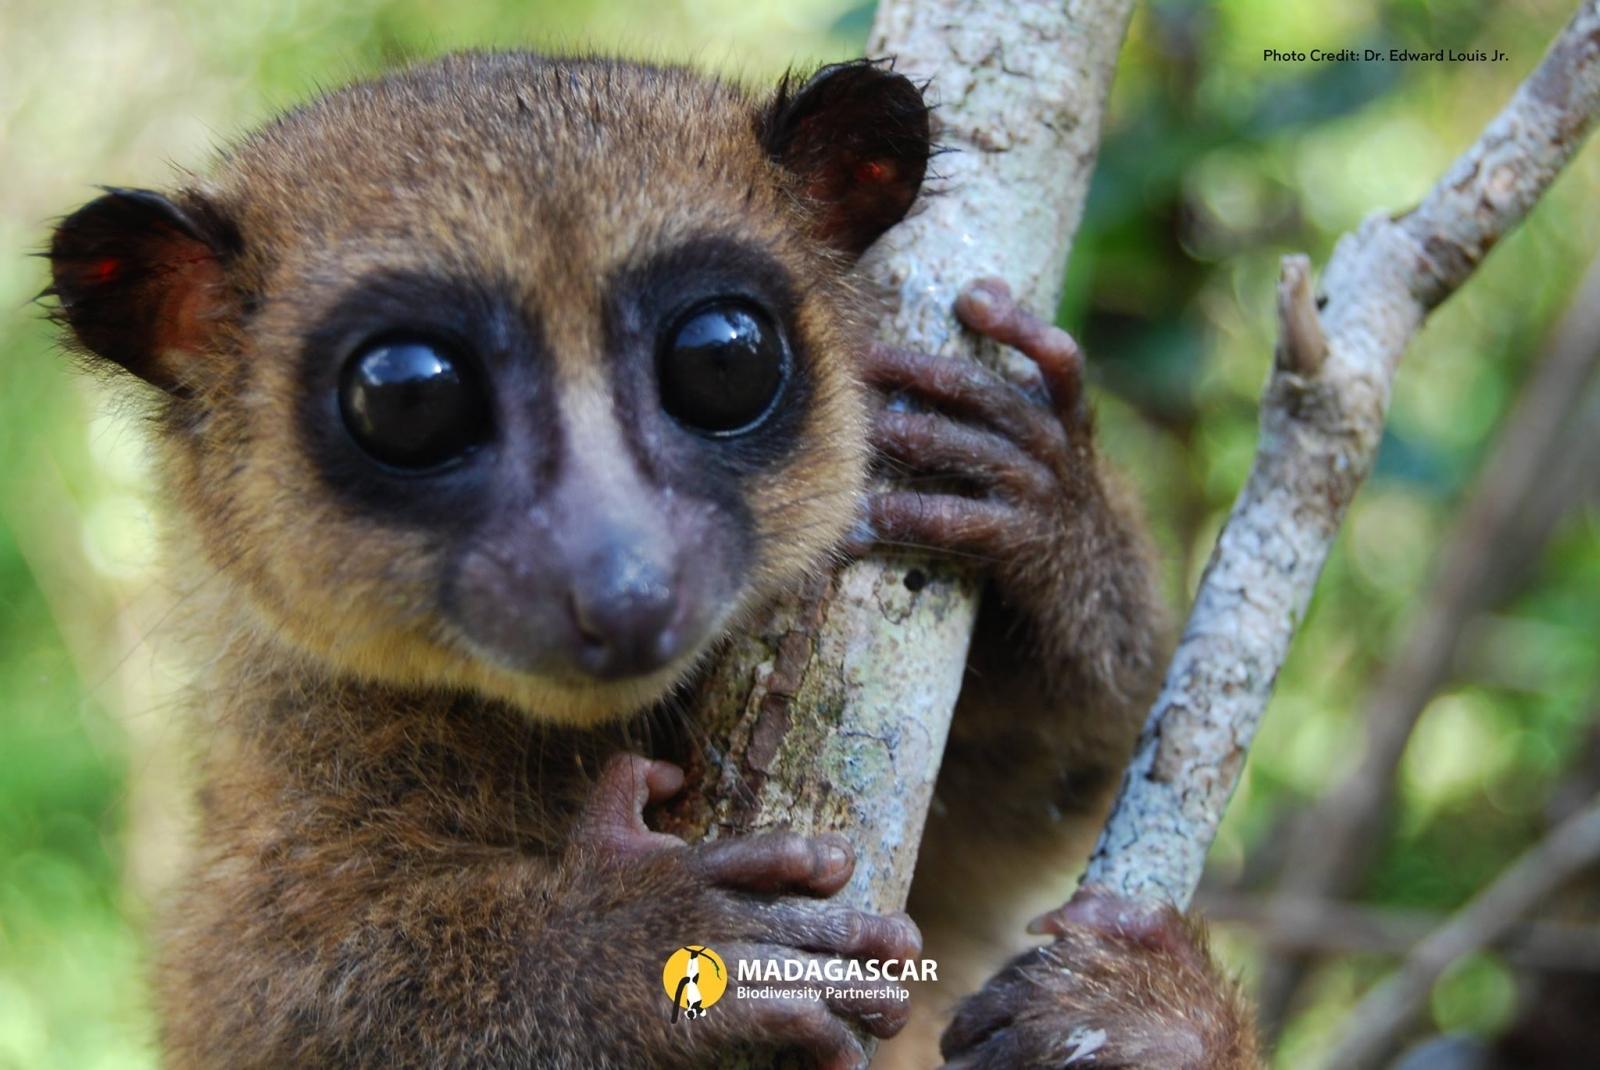 New lemur species